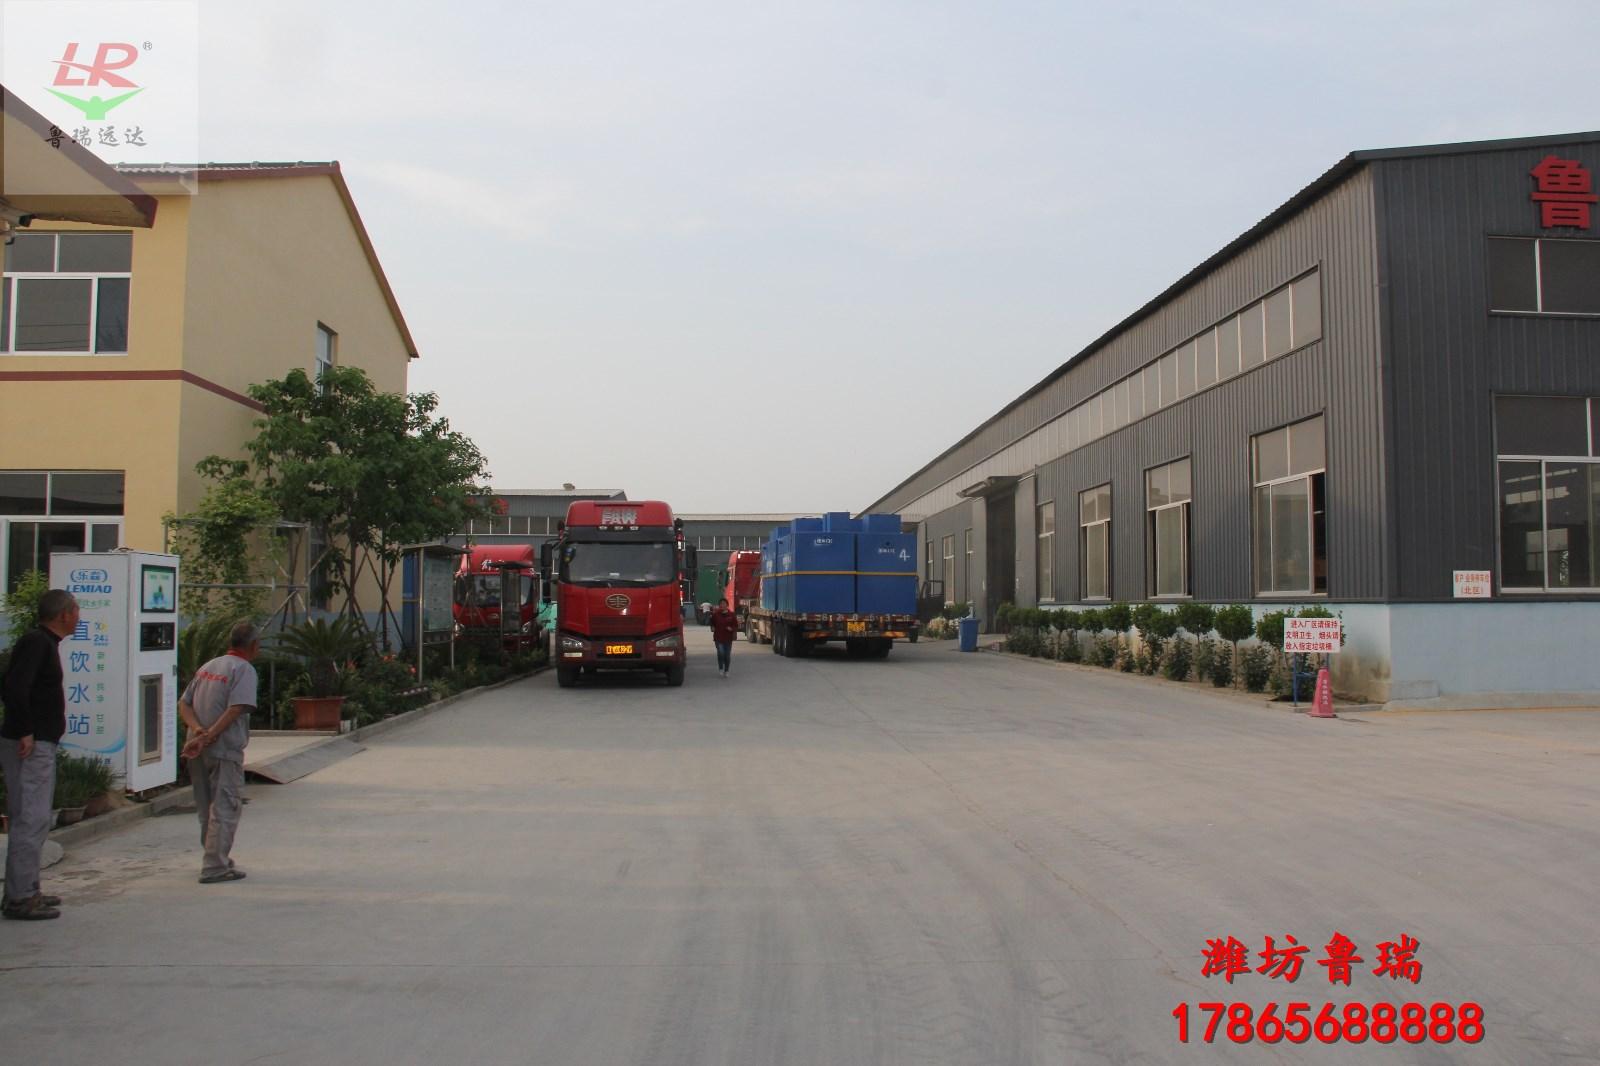 山东潍坊嘉乐洗衣房污水处理设备处理效率高